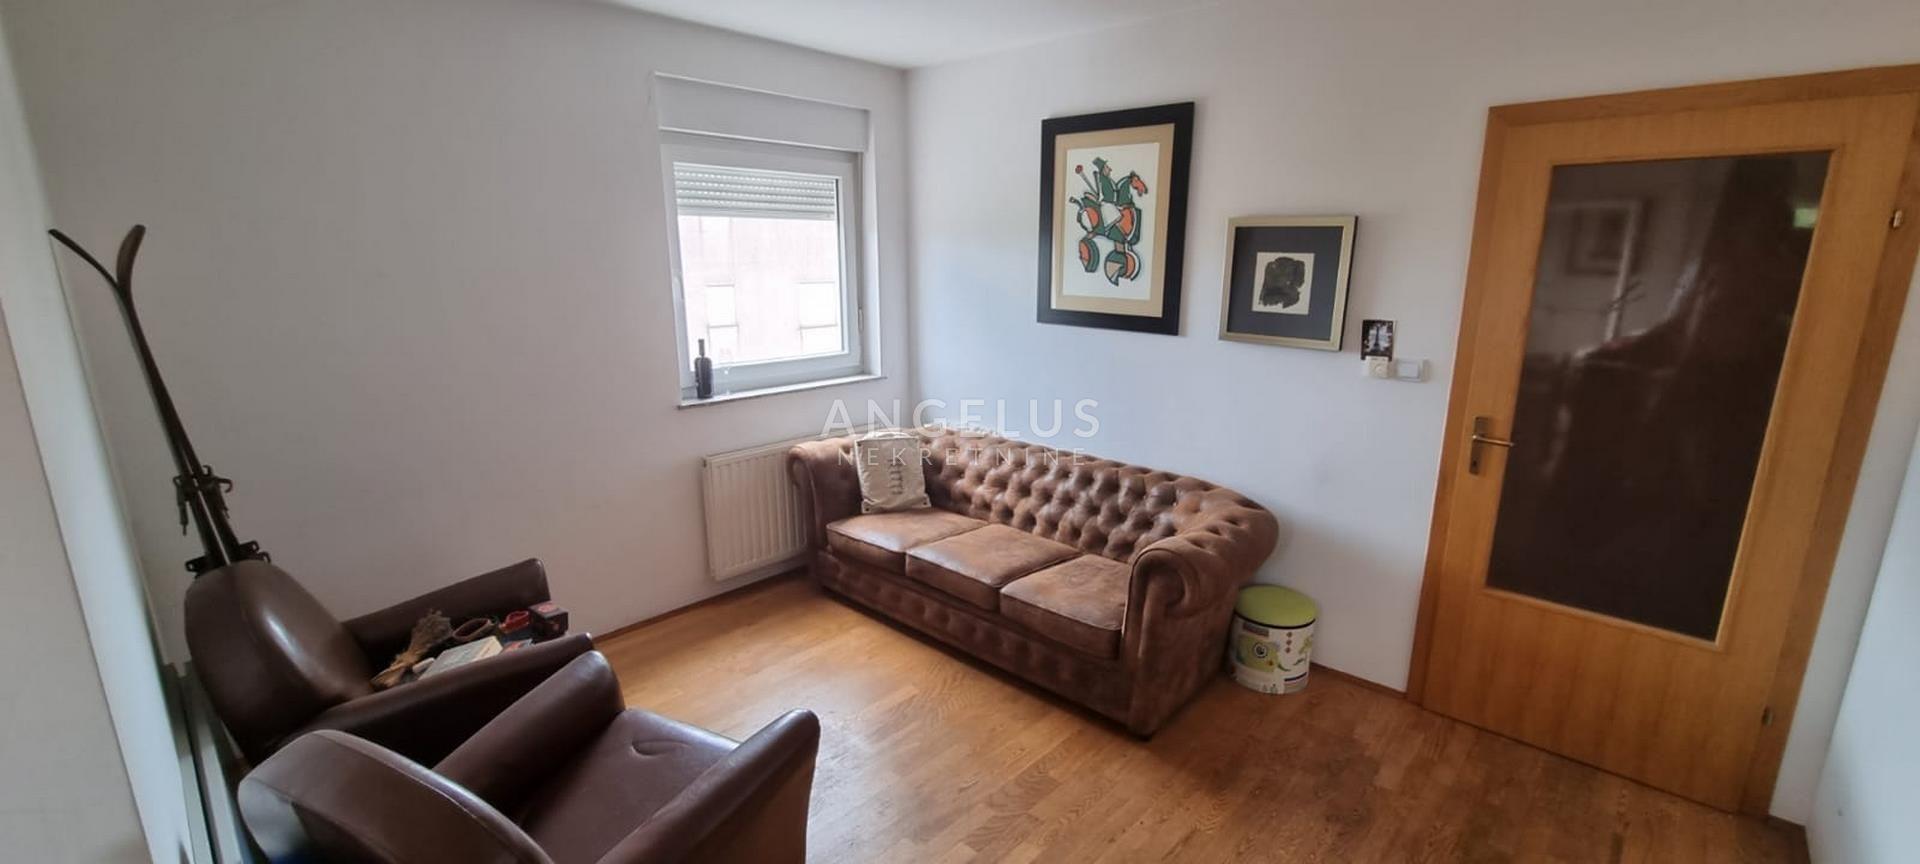 2 rooms, Apartment, 56m², 3 Floor